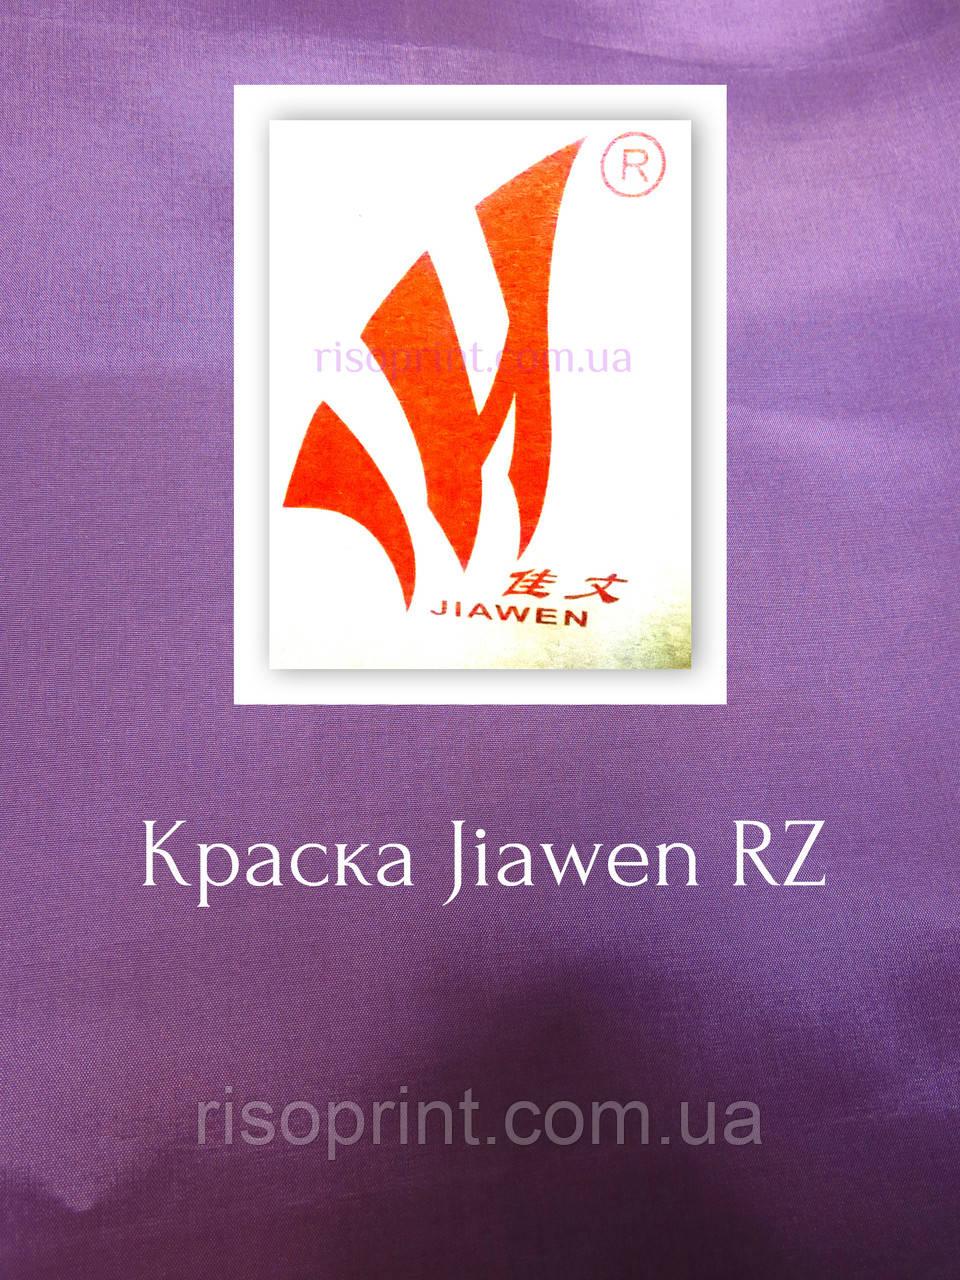 Краска  лицензионная для ризографа Riso Jiawen RZ  - ФЛ-П Шатный Г. А. в Харькове